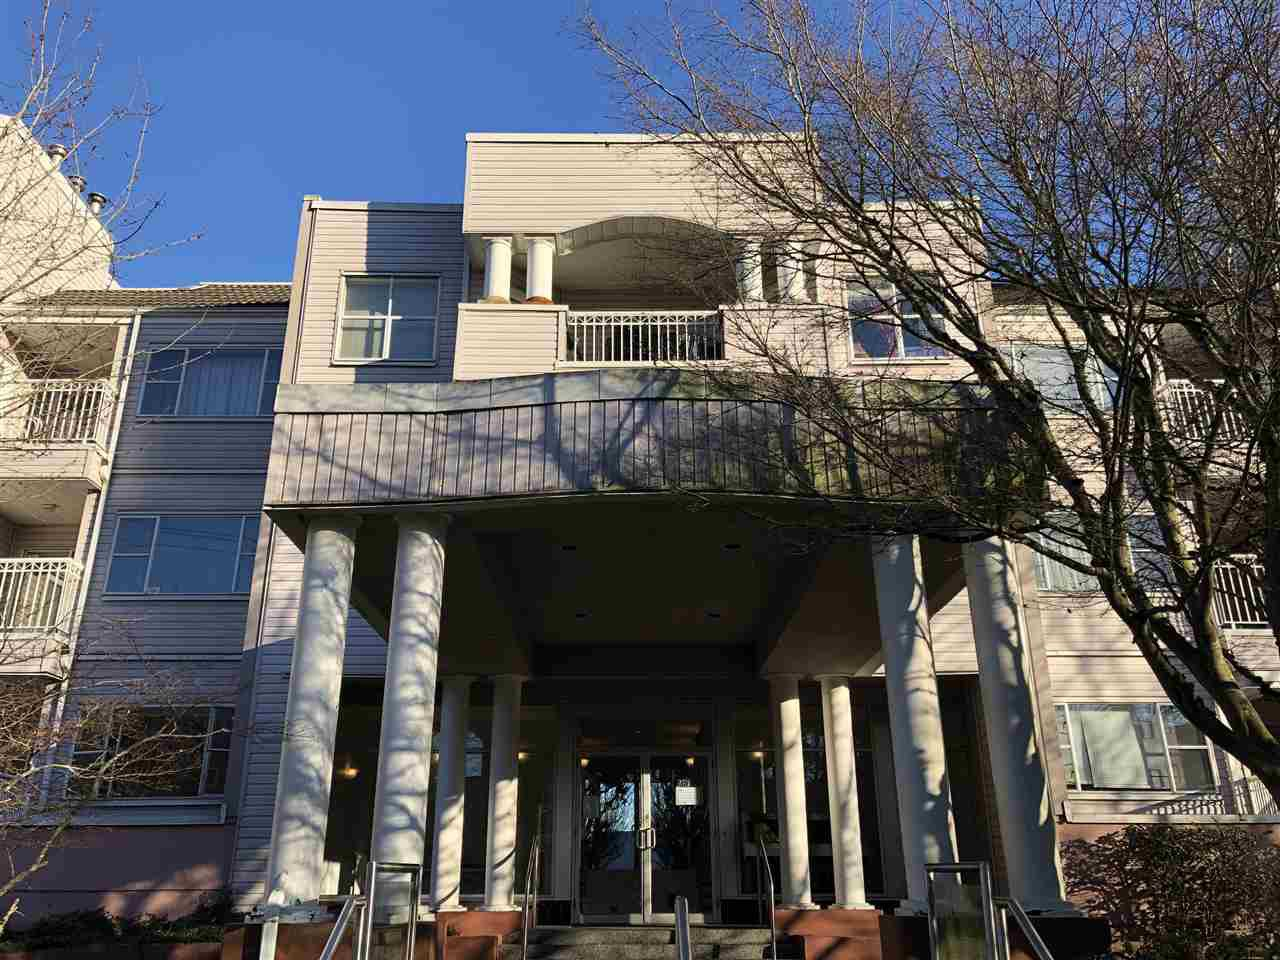 """Main Photo: 101 5500 ARCADIA Road in Richmond: Brighouse Condo for sale in """"REGENCY VILLA"""" : MLS®# R2329829"""